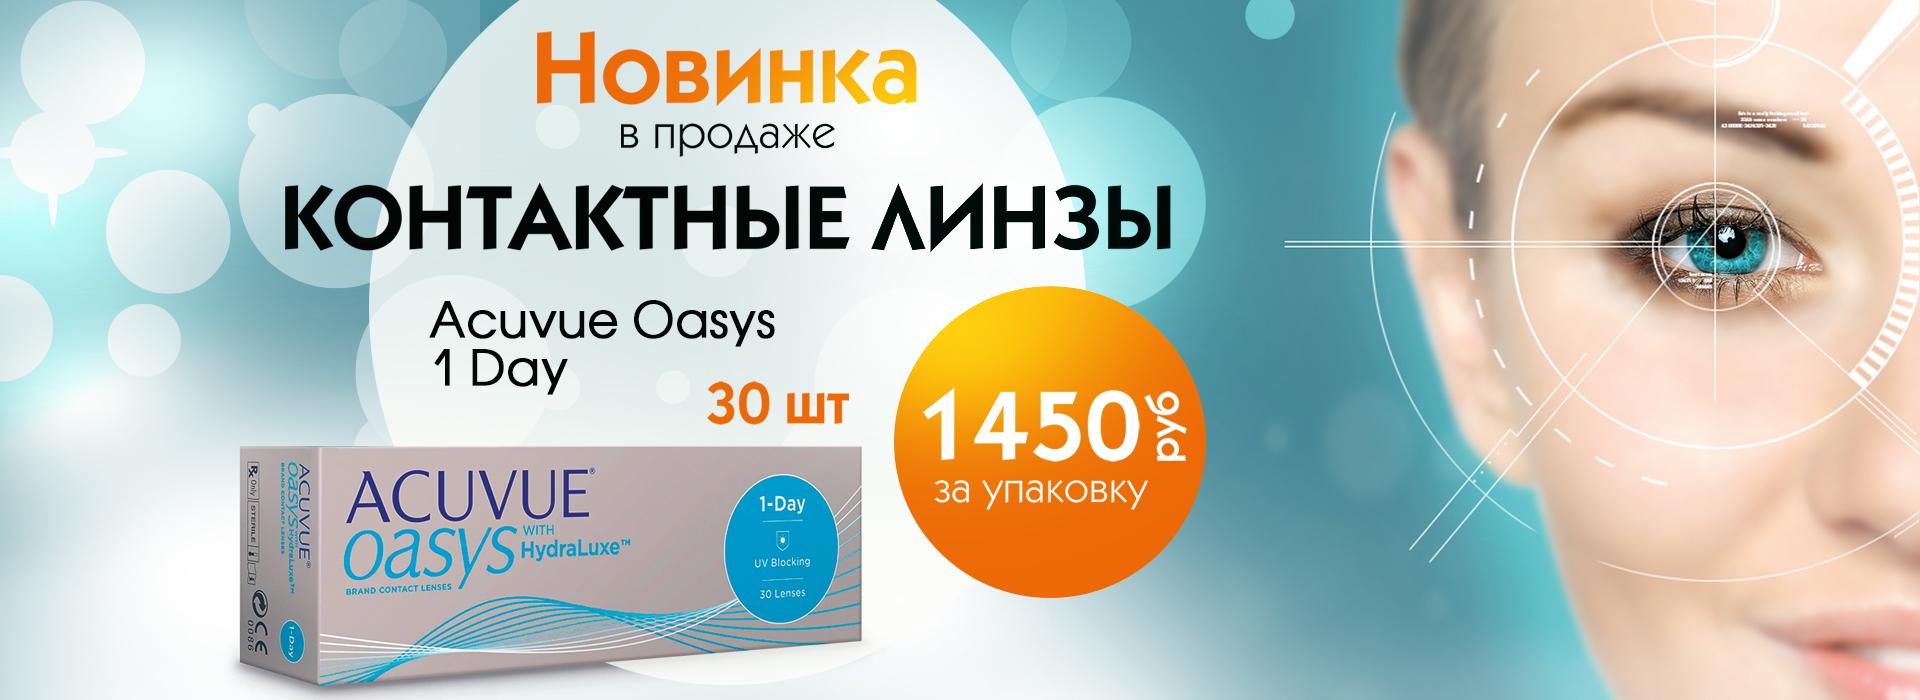 Новинка рынка Acuvue Oasys 1 Day уже в продаже в салонах оптики «Линзбург». Улучшенная технология HydraLuxe обеспечивает высокий уровень комфорта при ношении линз даже на протяжении всего дня. Выгодные расценки на набор линз из 30 штук.